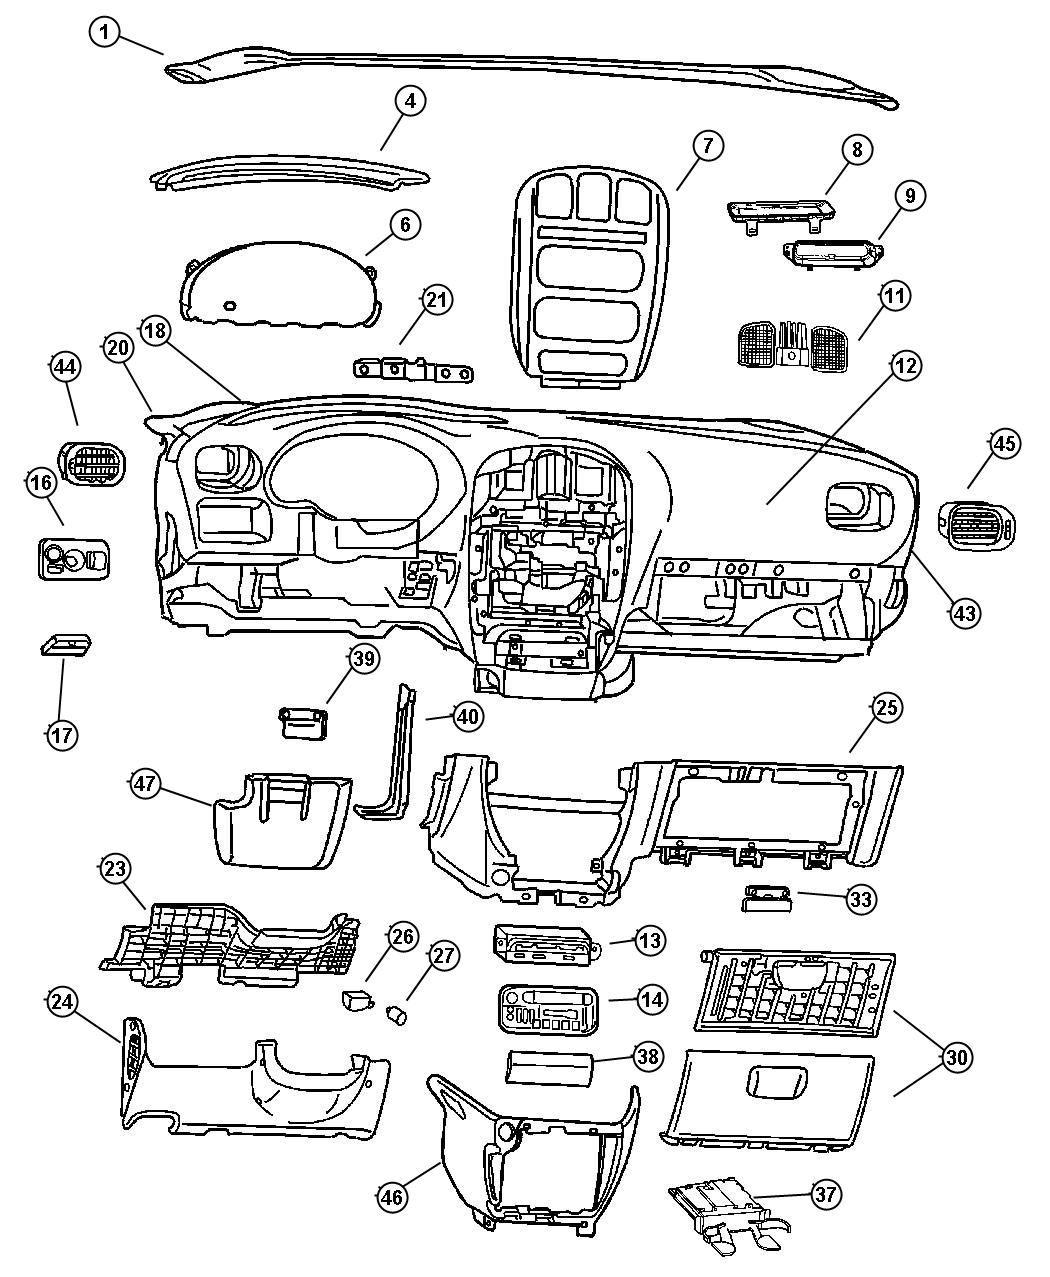 McLaren Engine Diagram